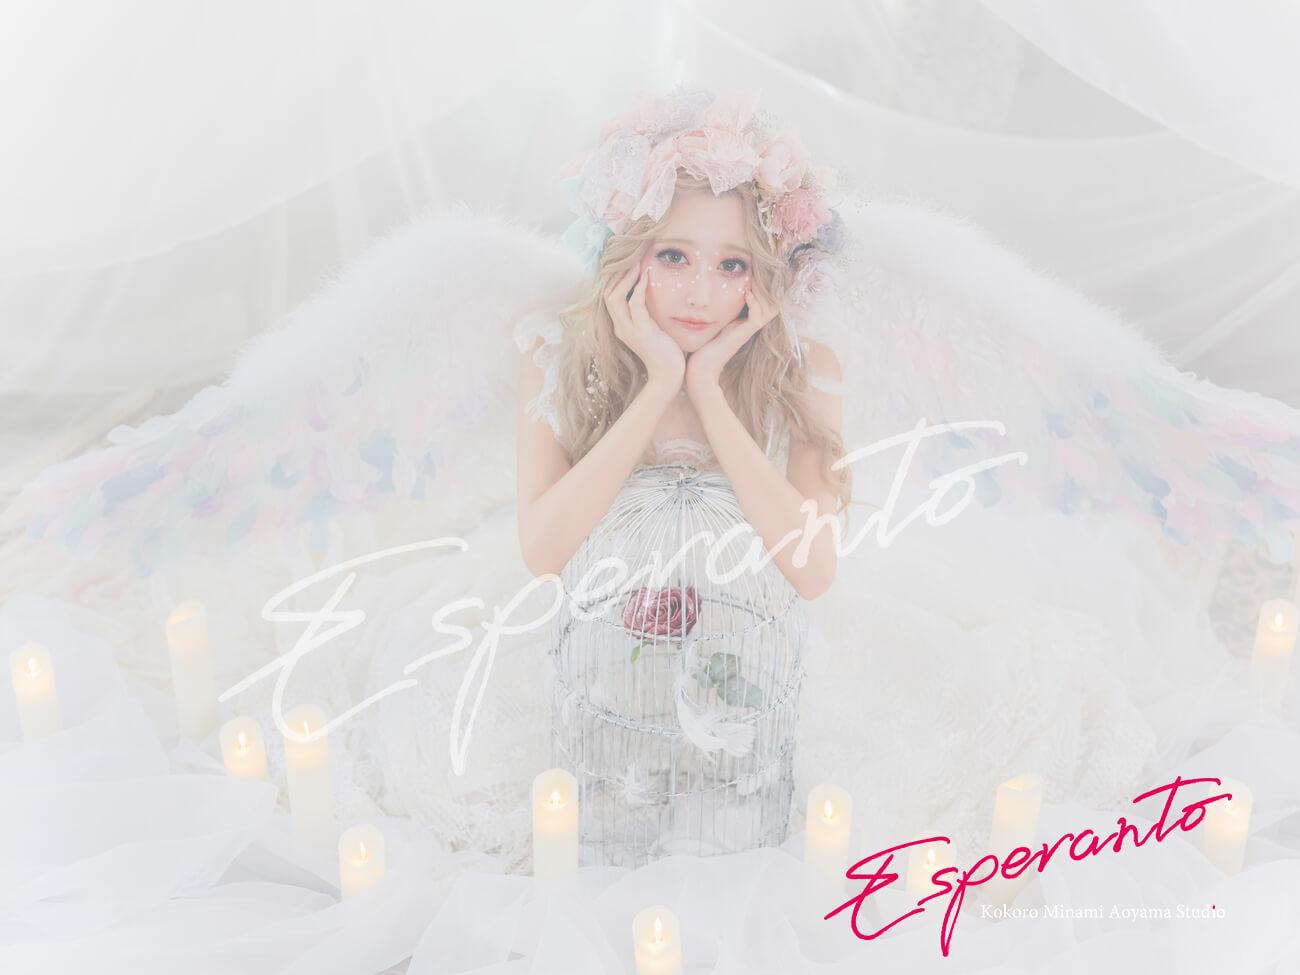 天使の詩 エスペラント KOKORO南青山スタジオ